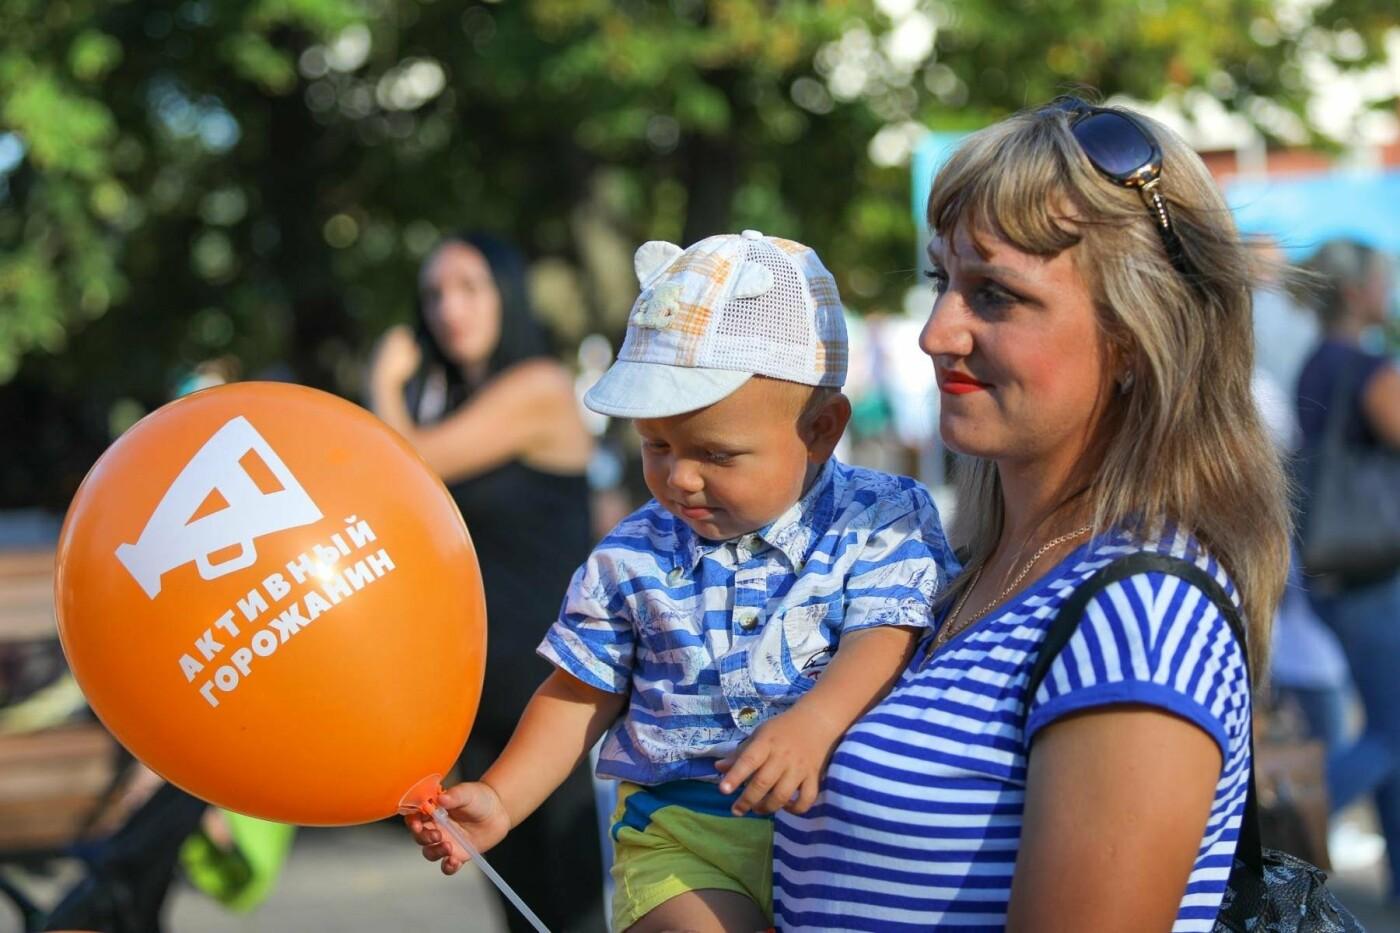 На день рождения «Активного горожанина» пришли сотни гостей, фото-10, Фото Антона Вергуна